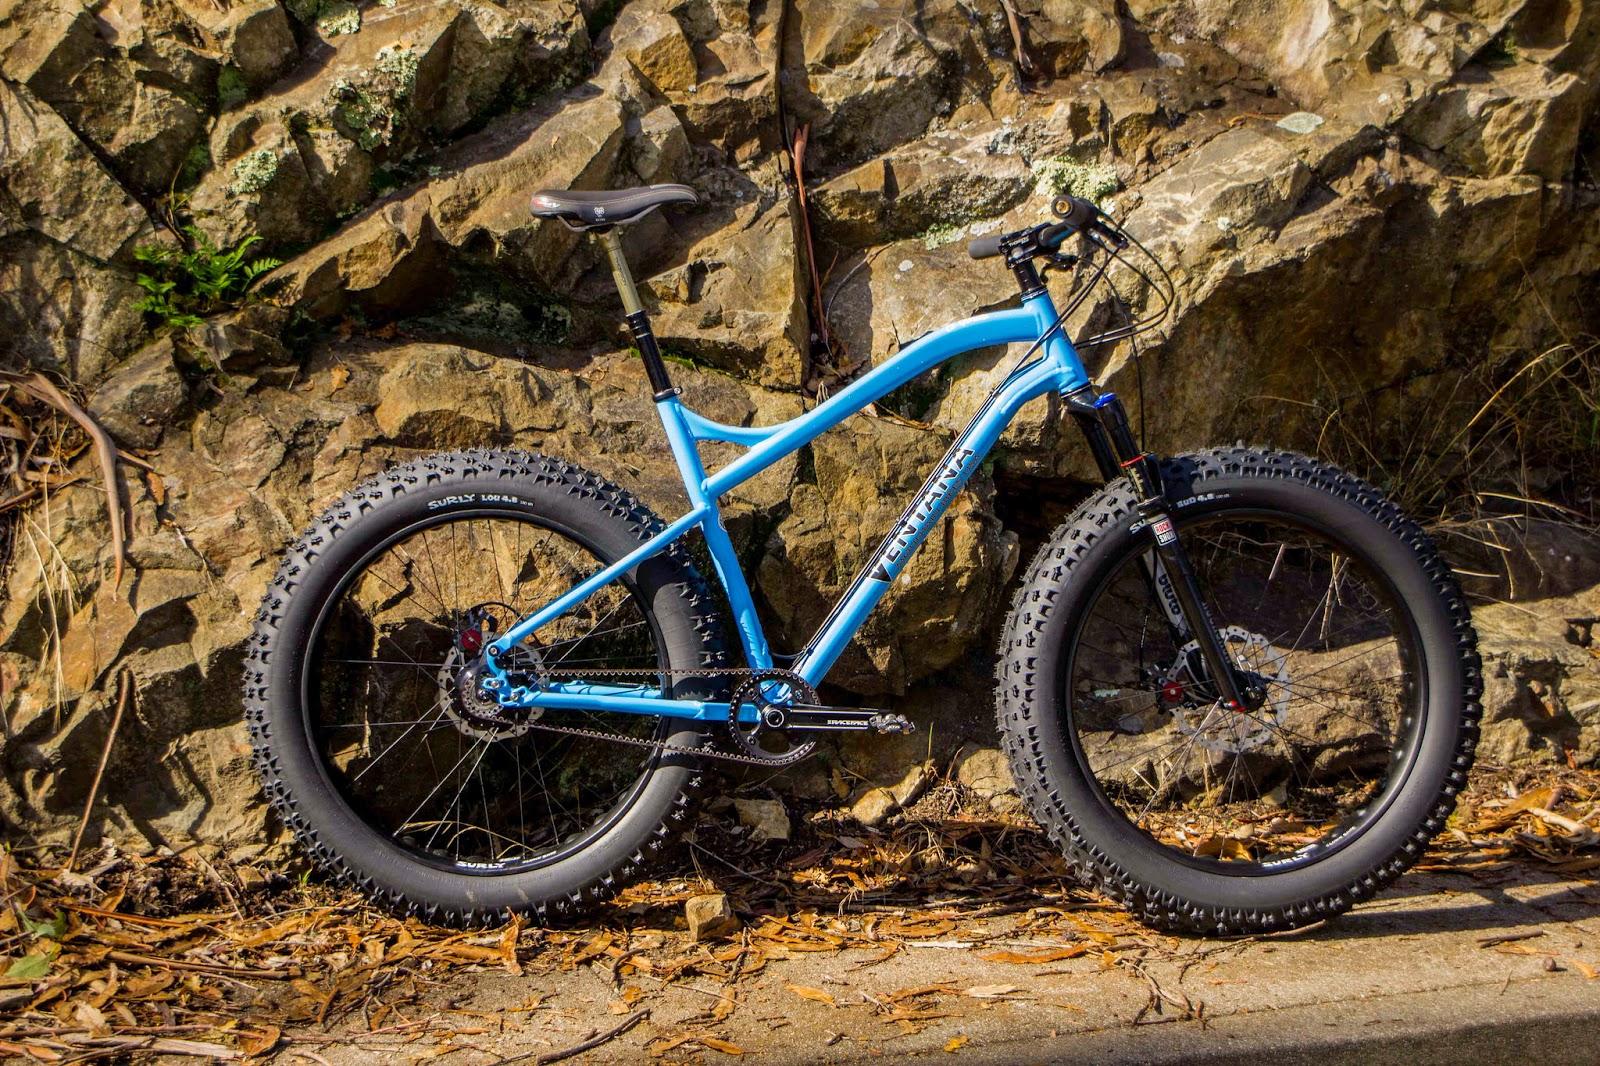 The Monkey Lab Ventana El Gordo Fat Bike With Rohloff